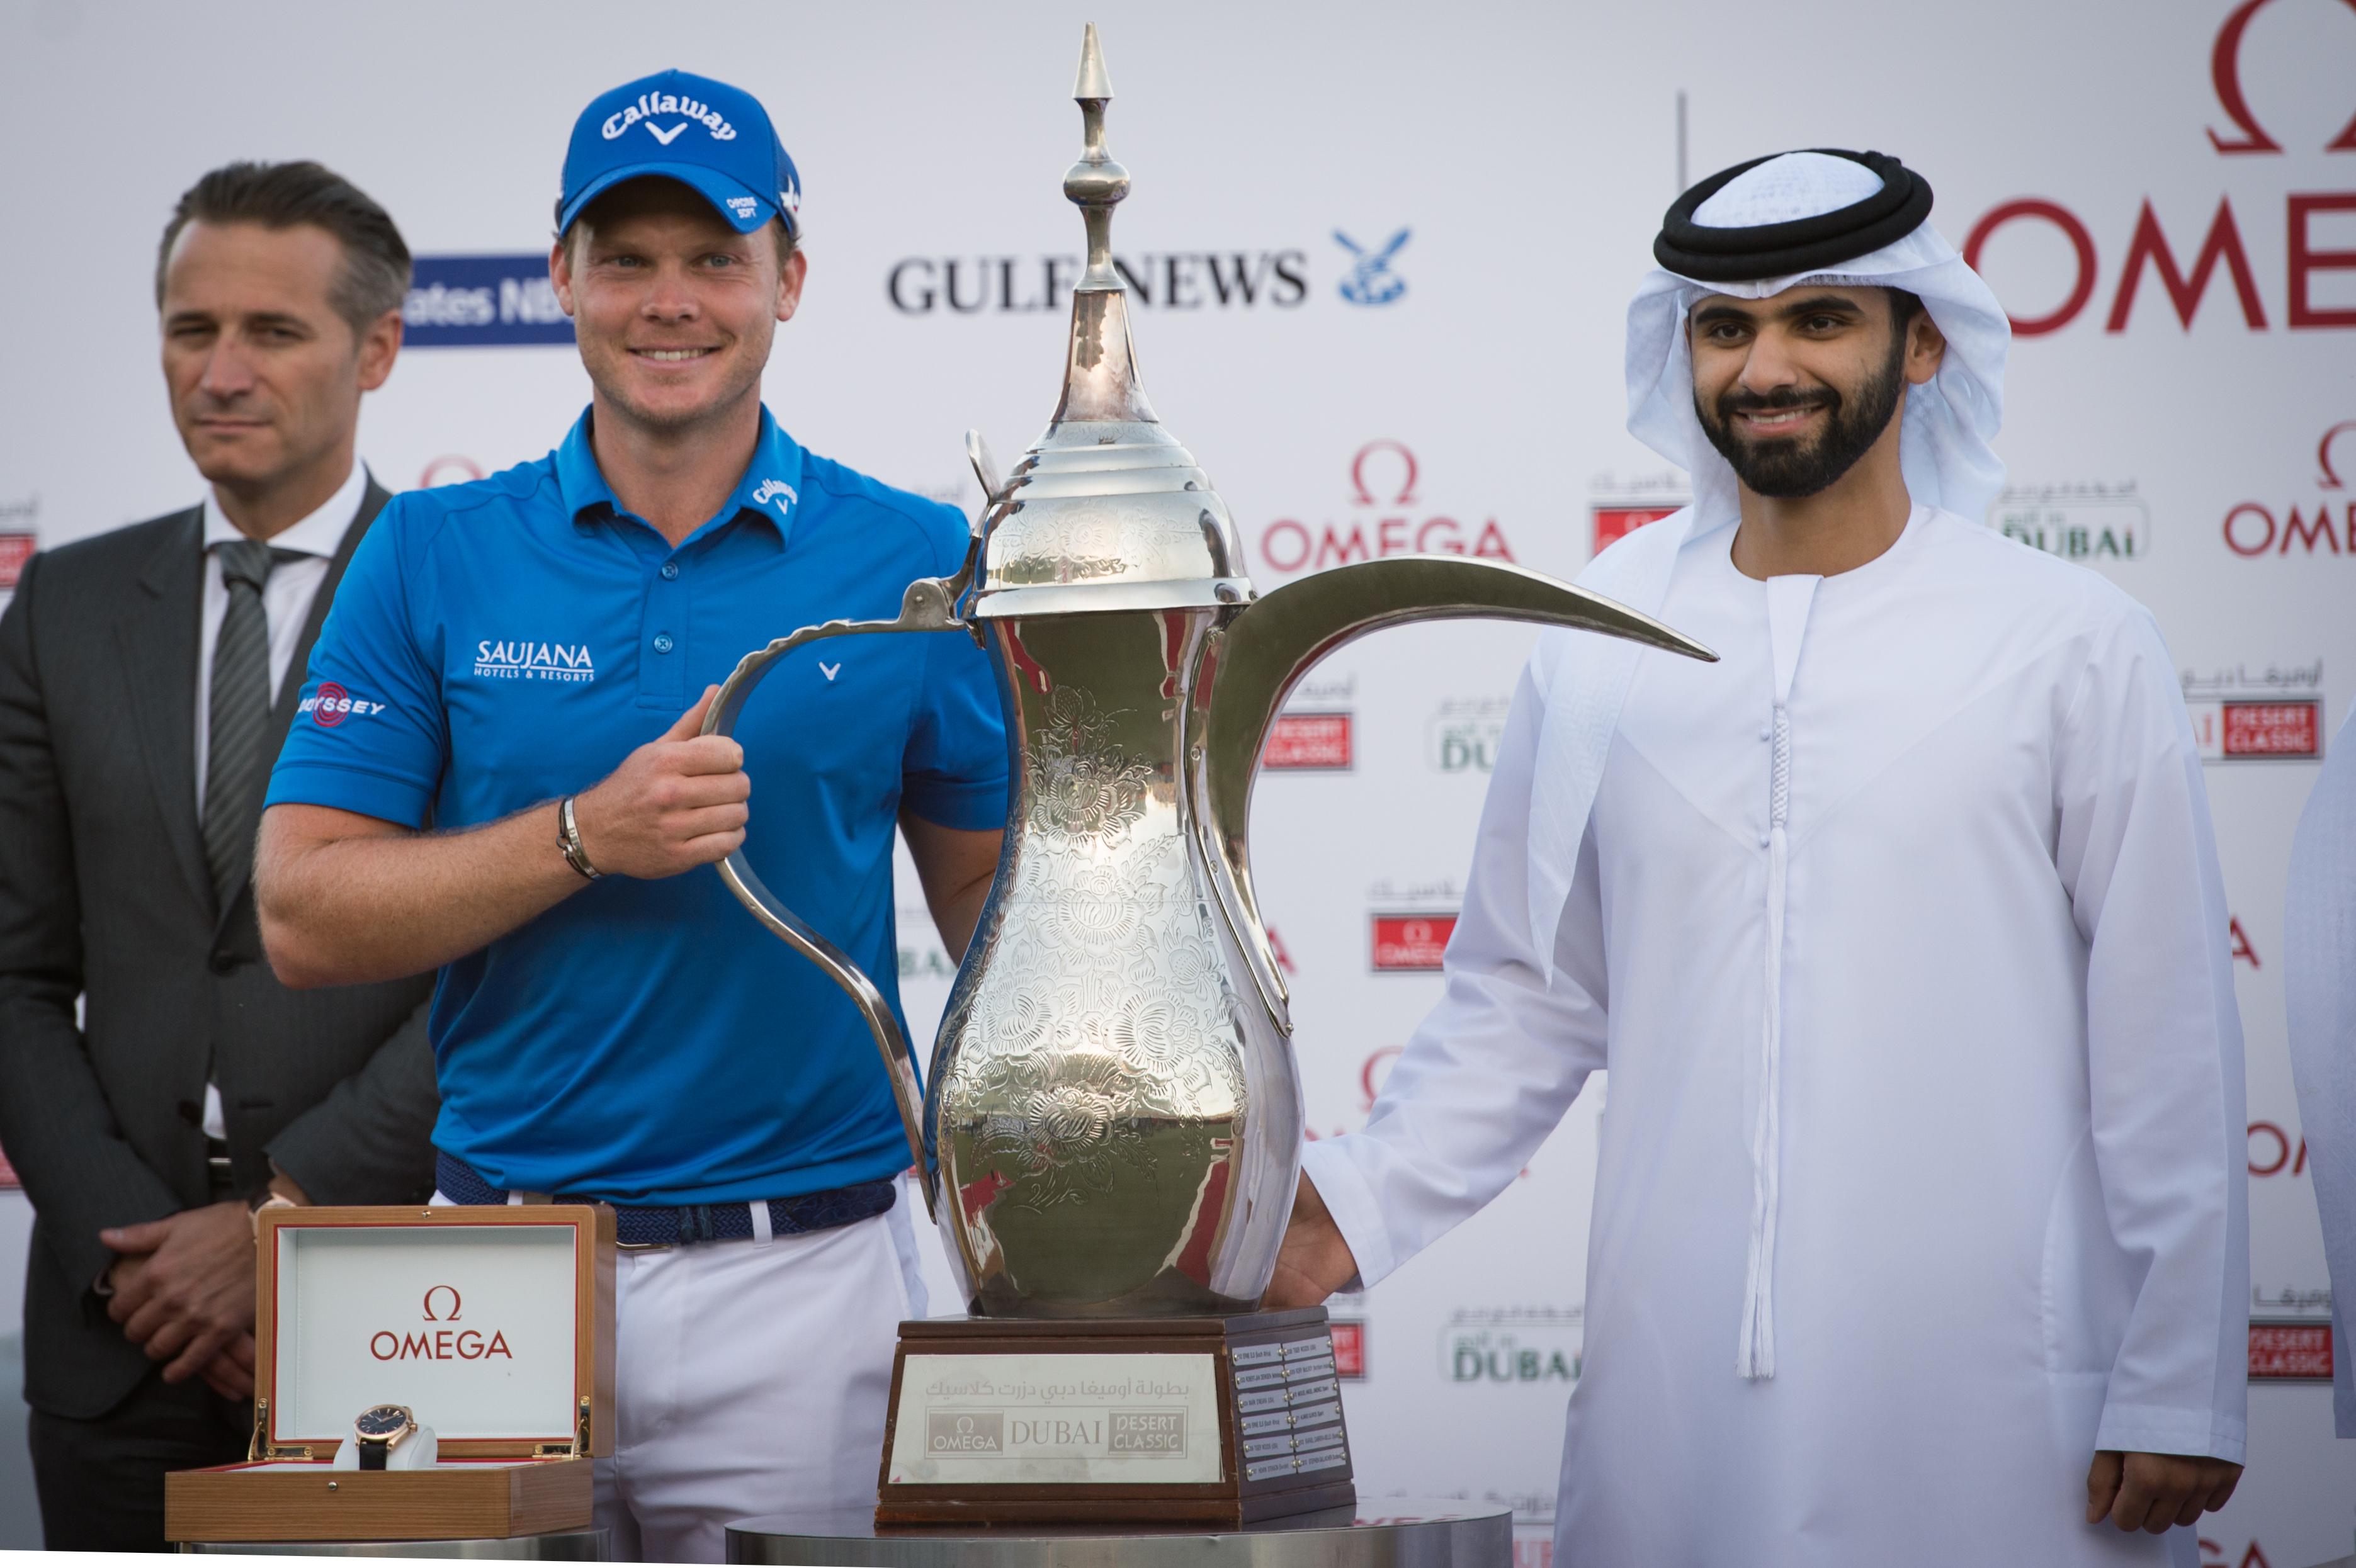 Omega Dubai Desert Classic 2016 - Winner